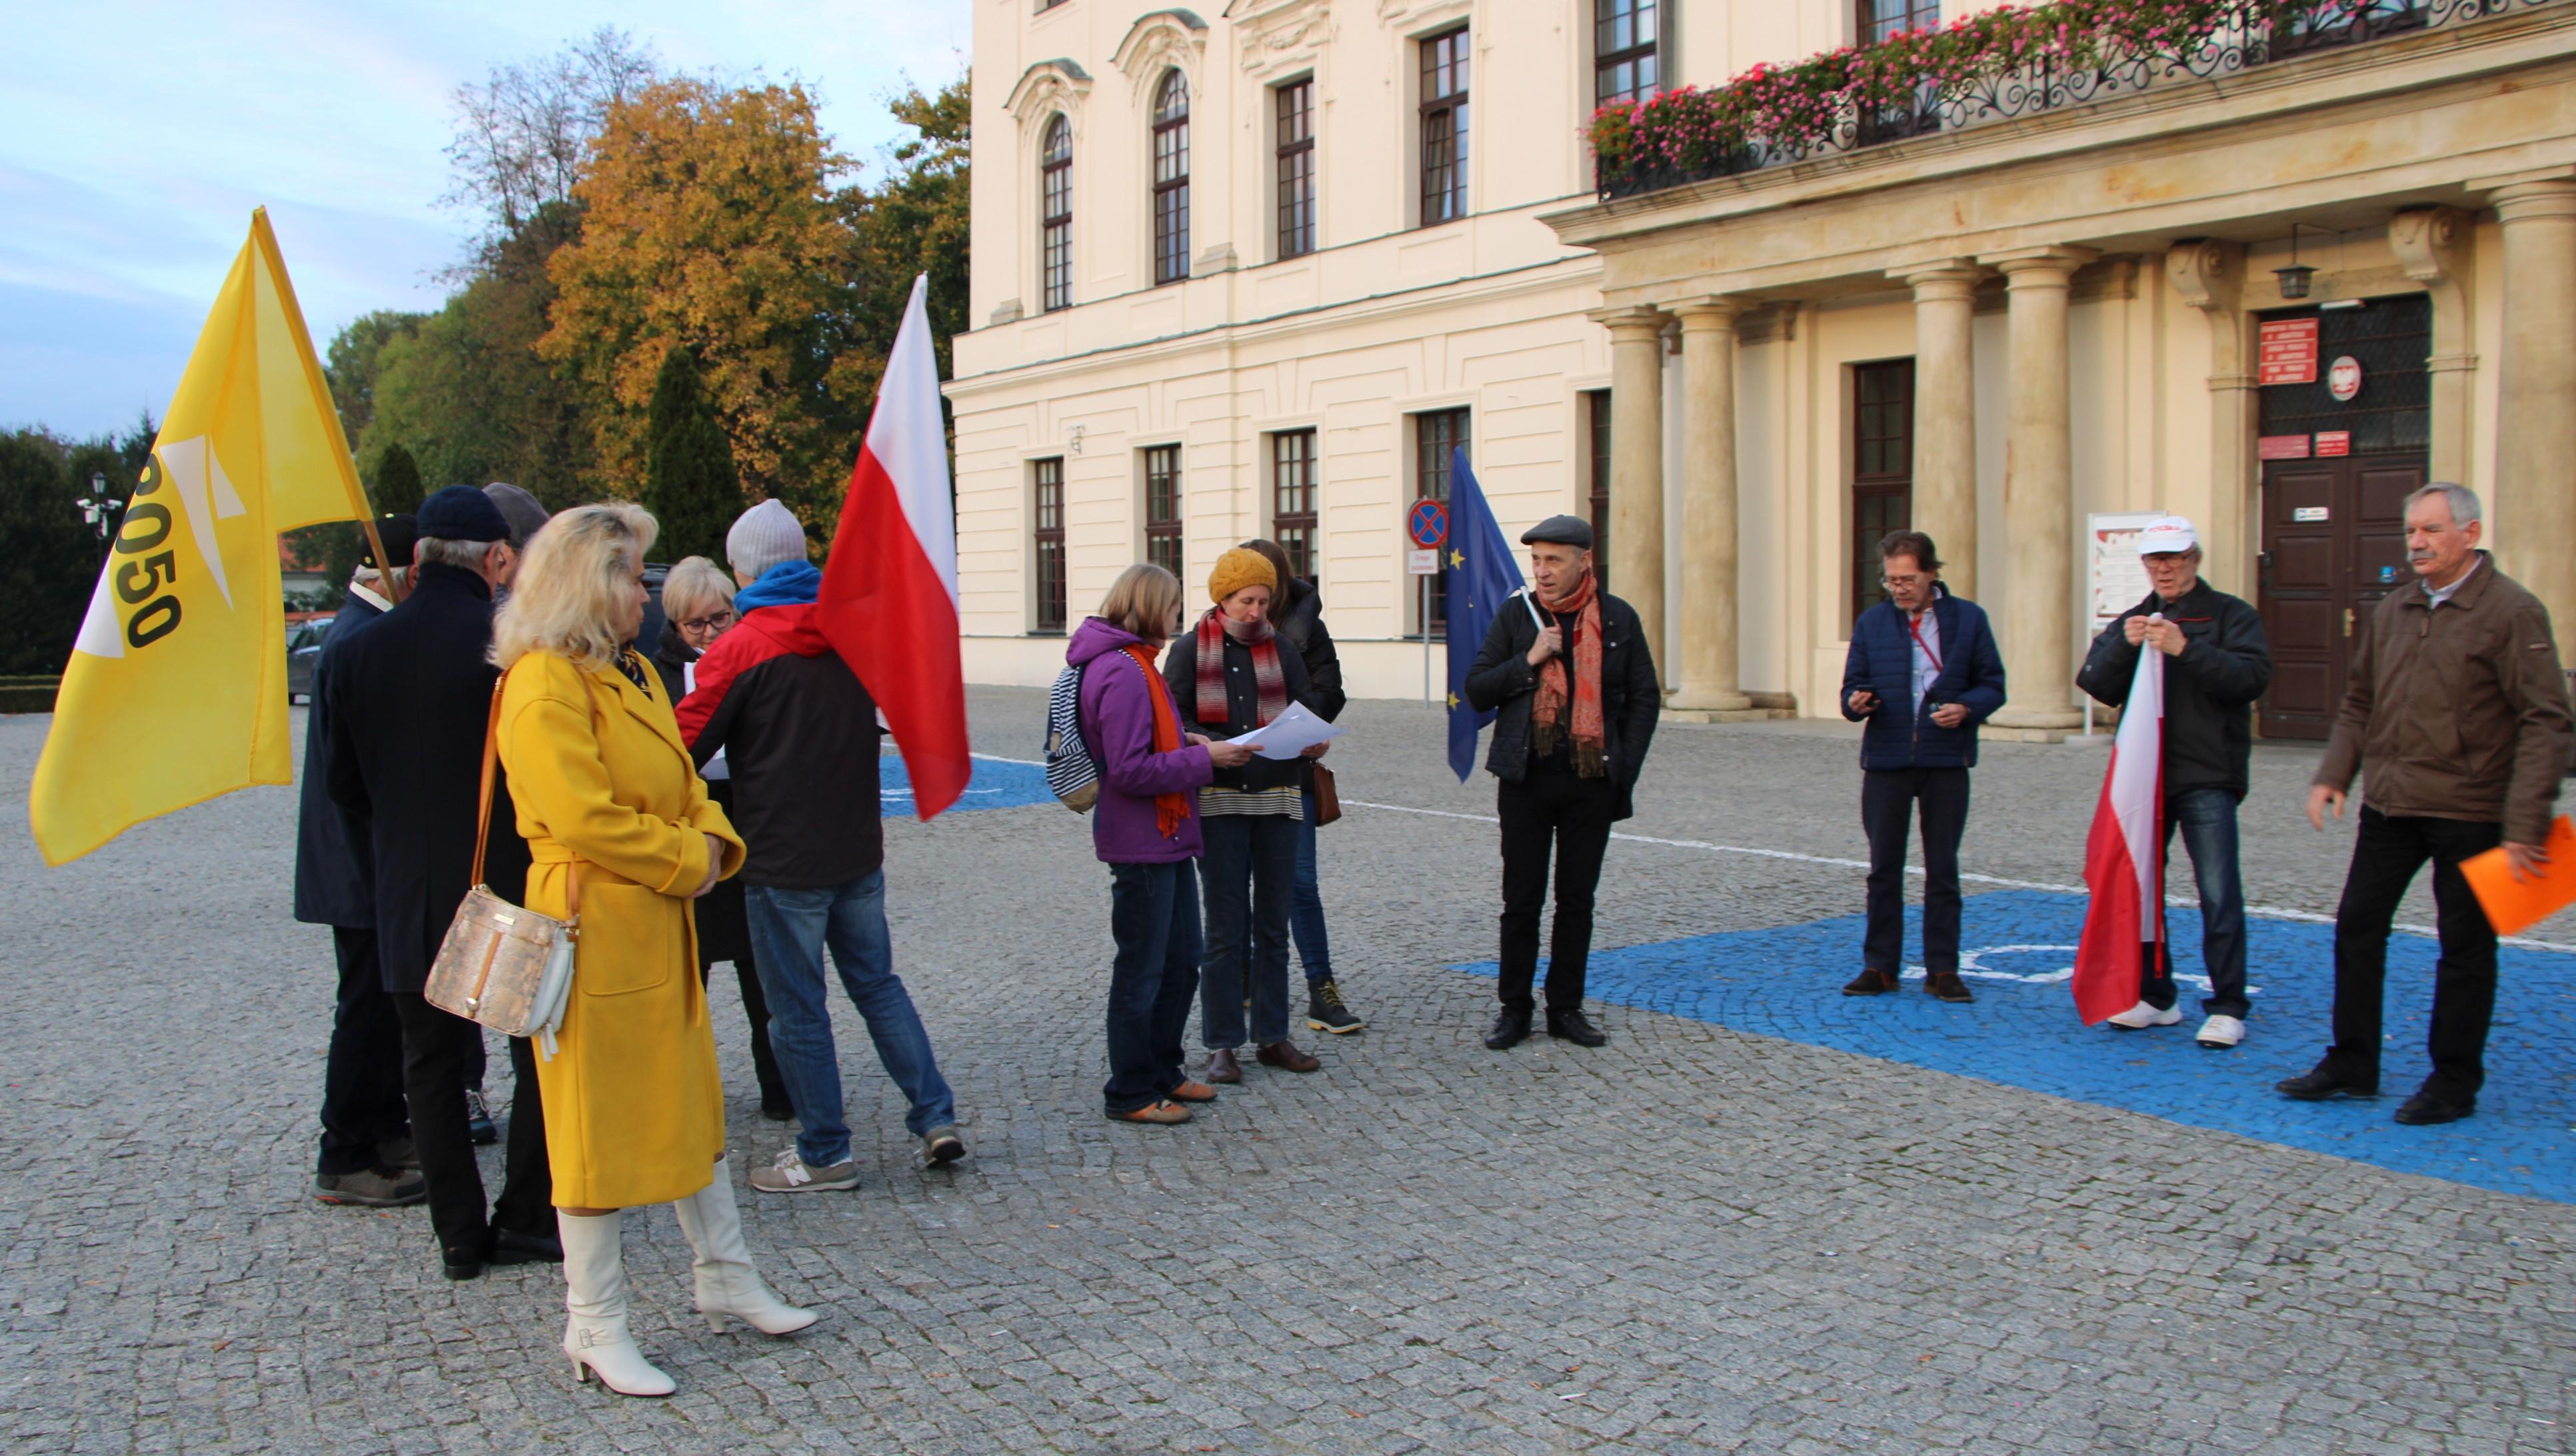 W Lubartowie demonstrowali poparcie dla Unii Europejskiej. Wiec pod siedzibą starostwa powiatowego - Zdjęcie główne